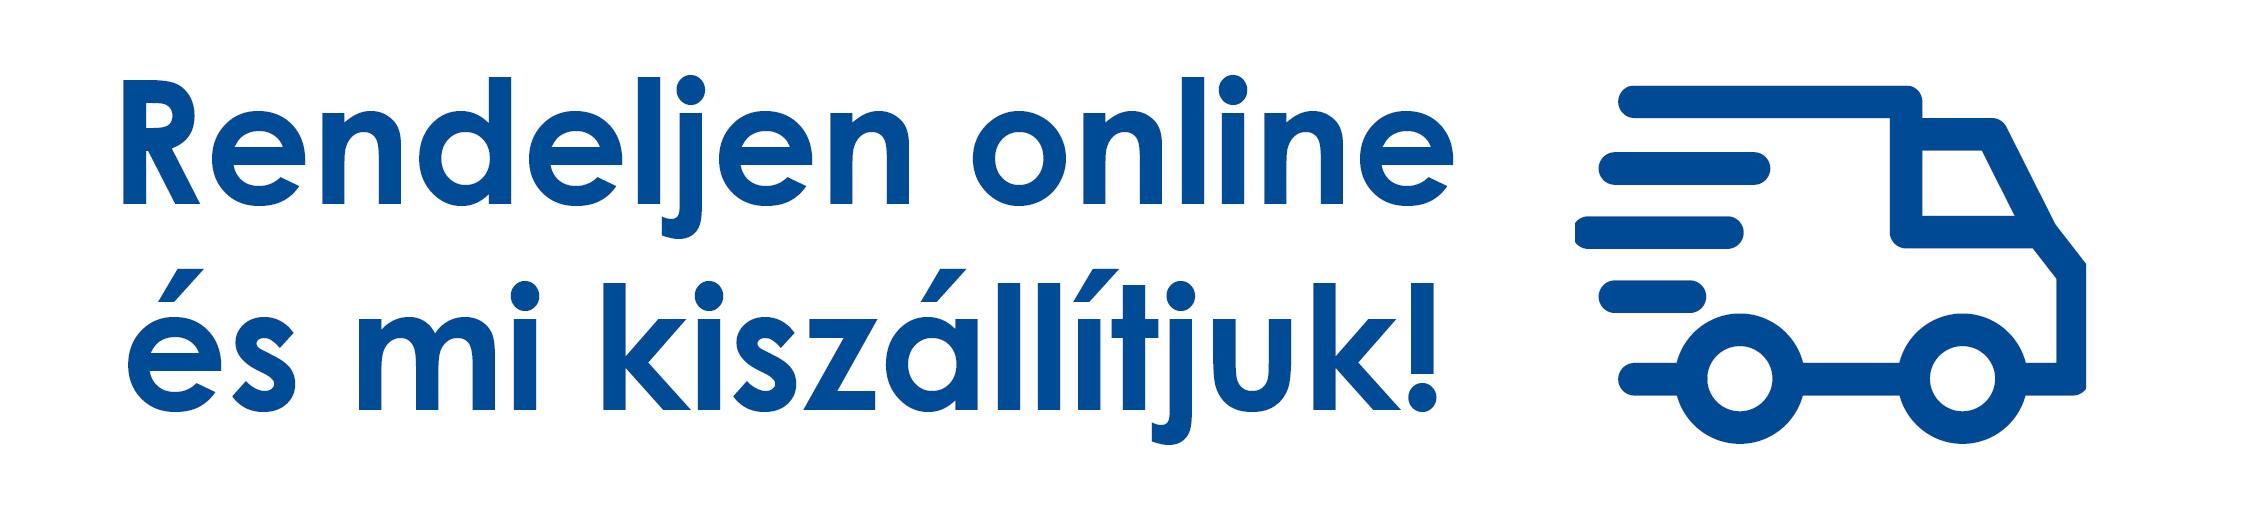 Rendeljen online és mi kiszállítjuk!